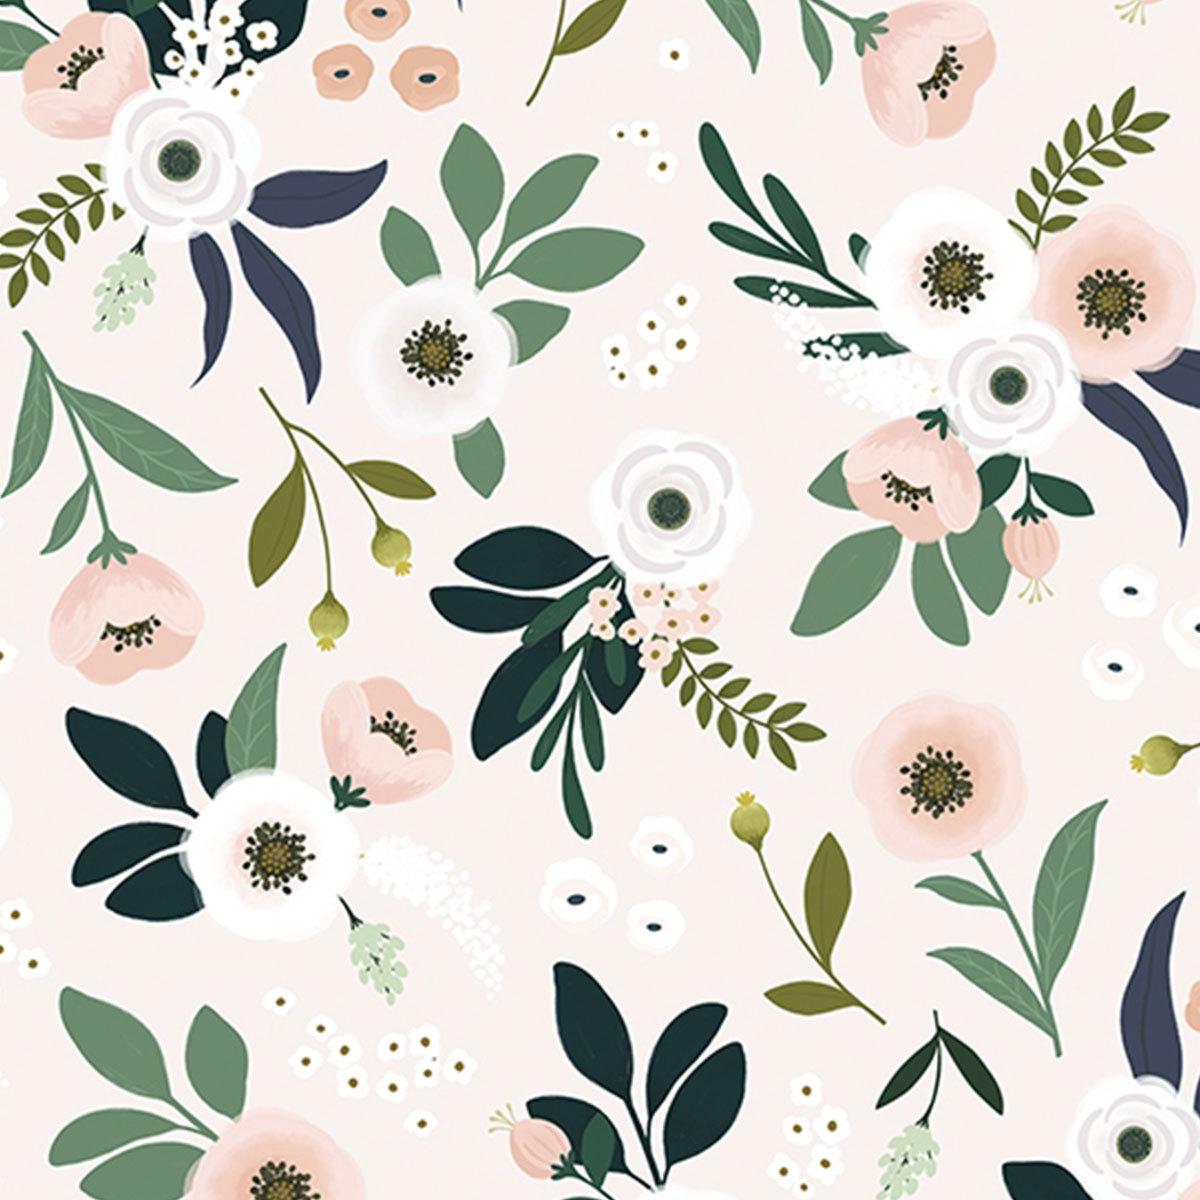 Papier peint Papier Peint - Un Si Joli Bouquet Papier Peint - Un Si Joli Bouquet